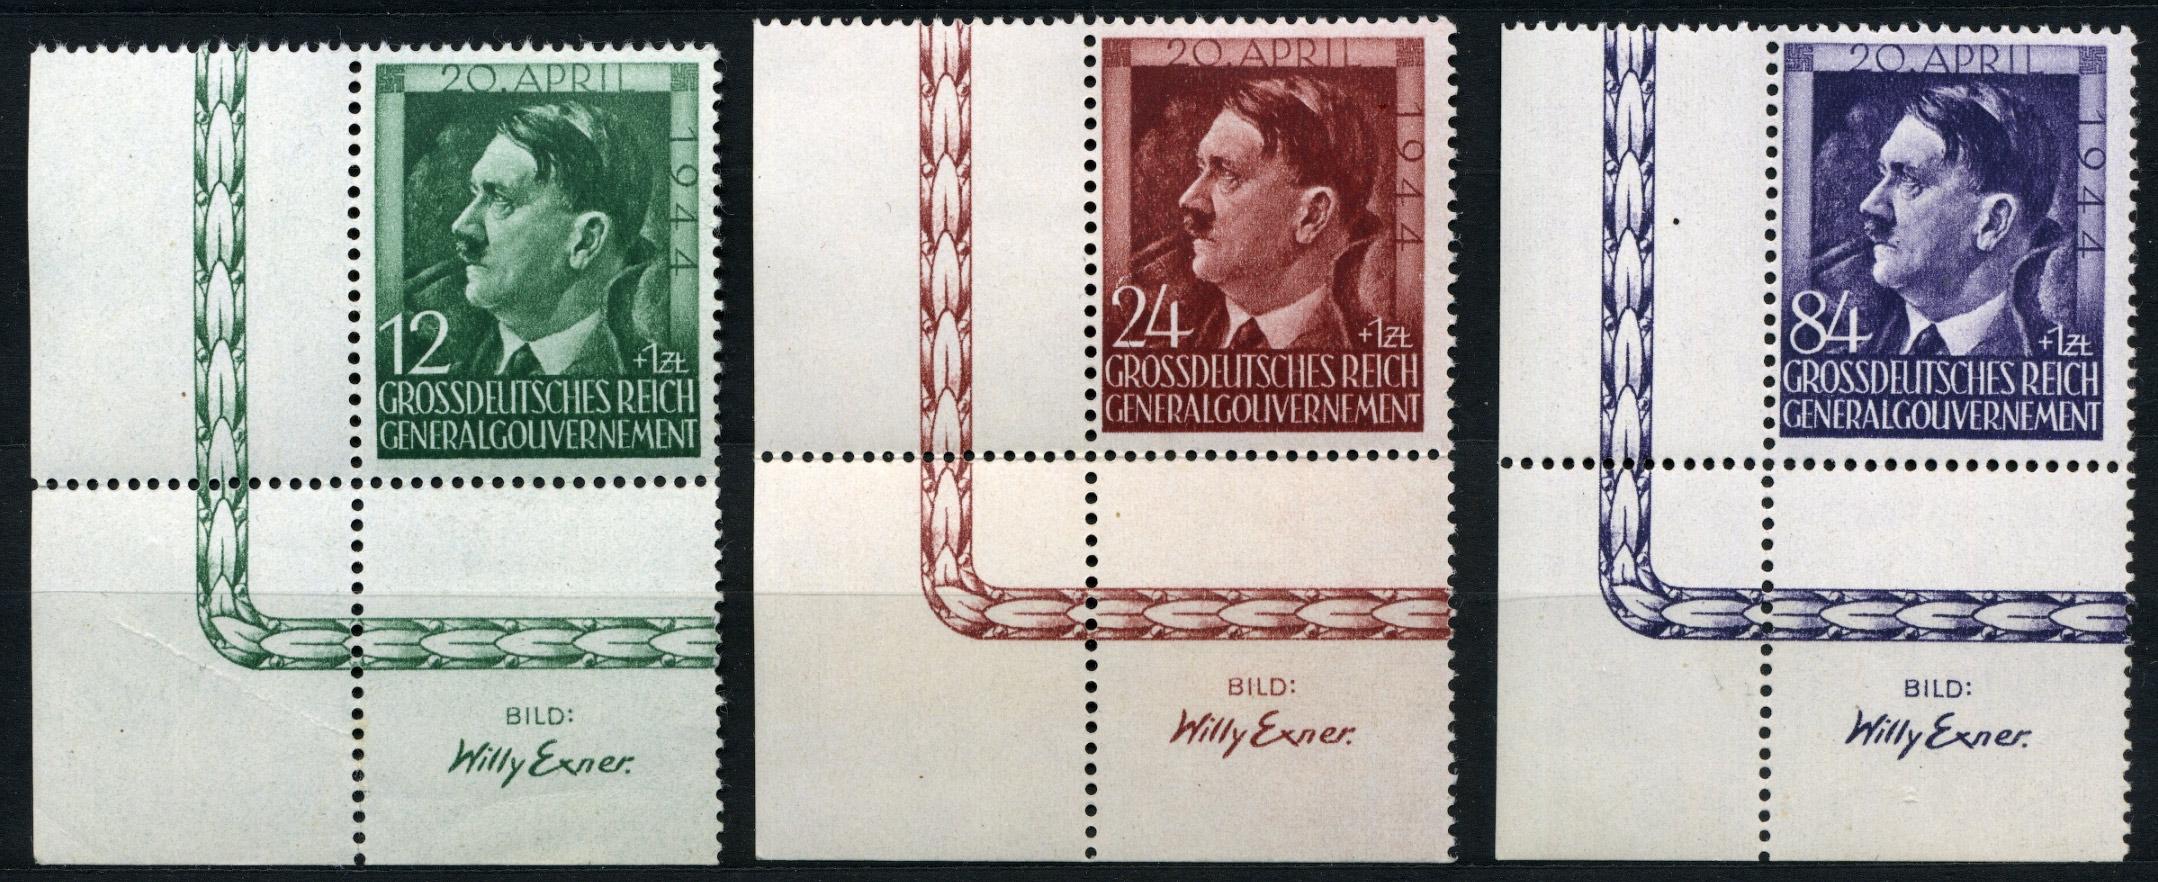 Generalgouvernement Mi. 117-119 1944 r. czyste ** MNH z dolnego rogu arkusza